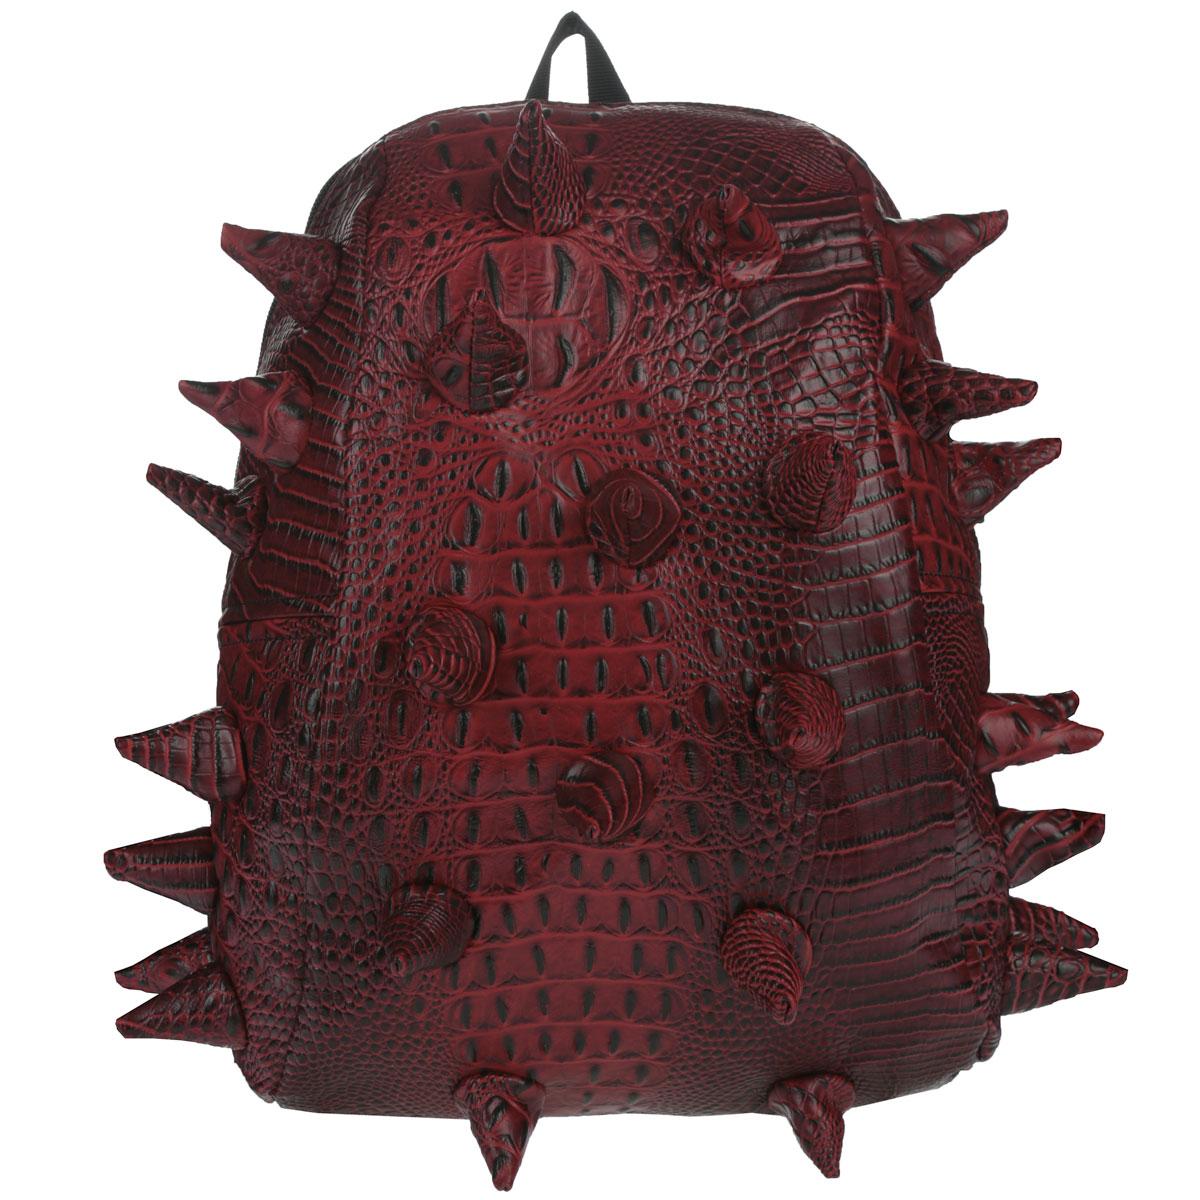 """Рюкзак городской MadPax Gator Half, цвет: красный, 16 лKZ24483484Городской рюкзак MadPax Gator Half - это стильный и практичный аксессуар, уместный в ритме большого города. Верх рюкзака выполнен из 100% поливинила с тиснением под рептилию, шипы придают изделию неповторимый дизайн. Подкладка изготовлена из нейлона. Рюкзак имеет одно основное отделение, которое закрывается на застежку-молнию. Внутри поместится ноутбук с диагональю 13"""", iPad и бумаги формата А4. Также внутри содержится небольшой карман на молнии для мелких вещей. Модель оснащена ручкой для переноски в руке, а также мягкими и широкими плечевыми лямками, которые можно регулировать по длине. Полностью вентилируемая ортопедическая спинка создает дополнительный комфорт вашей спине. Сзади расположен кармашек из прозрачного ПВХ для визитки. MadPax - это крутые рюкзаки в стиле фанк, которые своим неповторимым дизайном бросают вызов монотонности и скуке. Эти уникальные рюкзаки помогают детям всех возрастов самовыражаться, а их внутренняя структура с отделениями,..."""